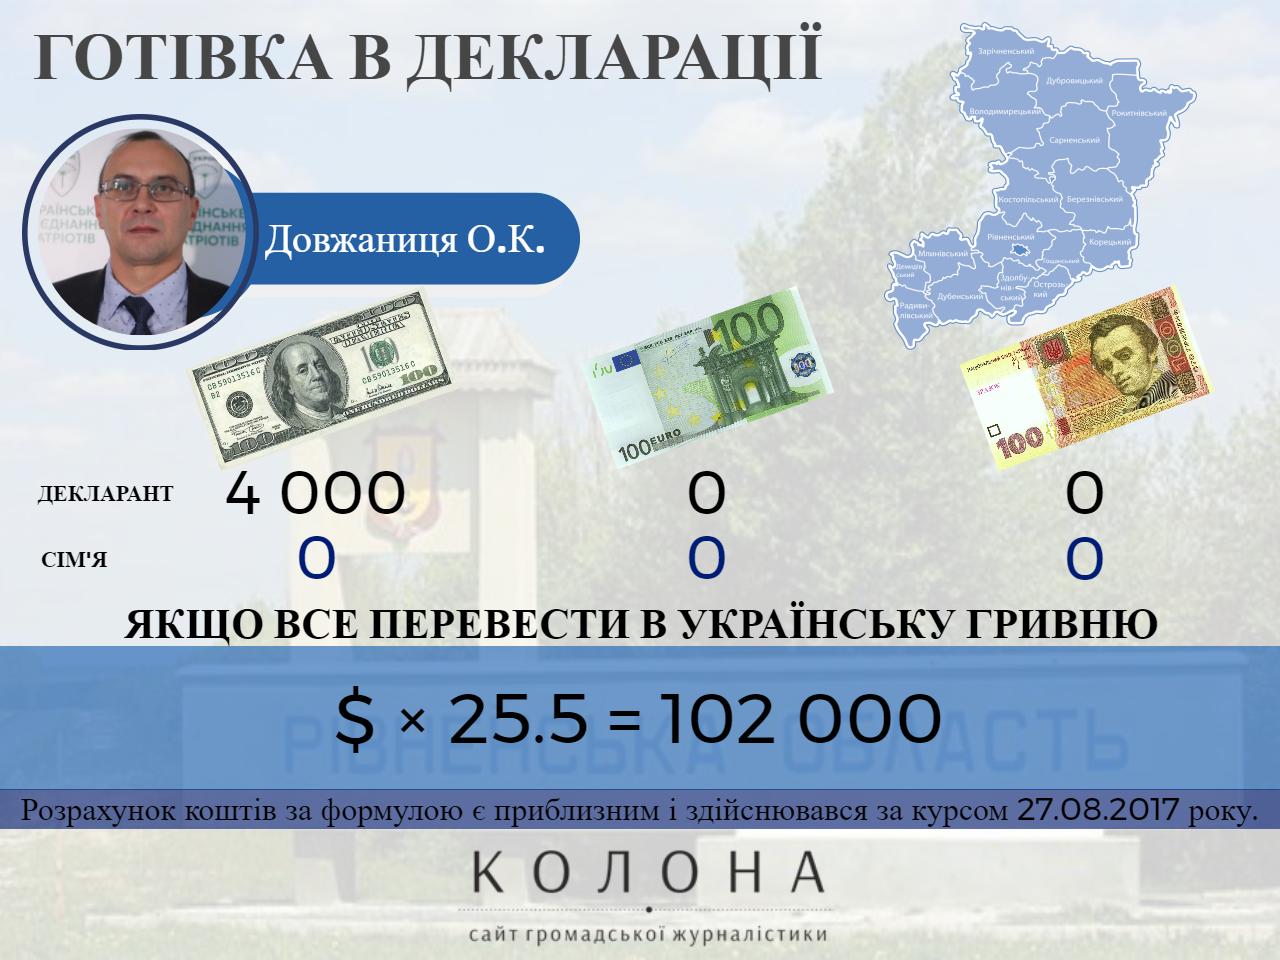 Довжаниця Олександр Костянтинович